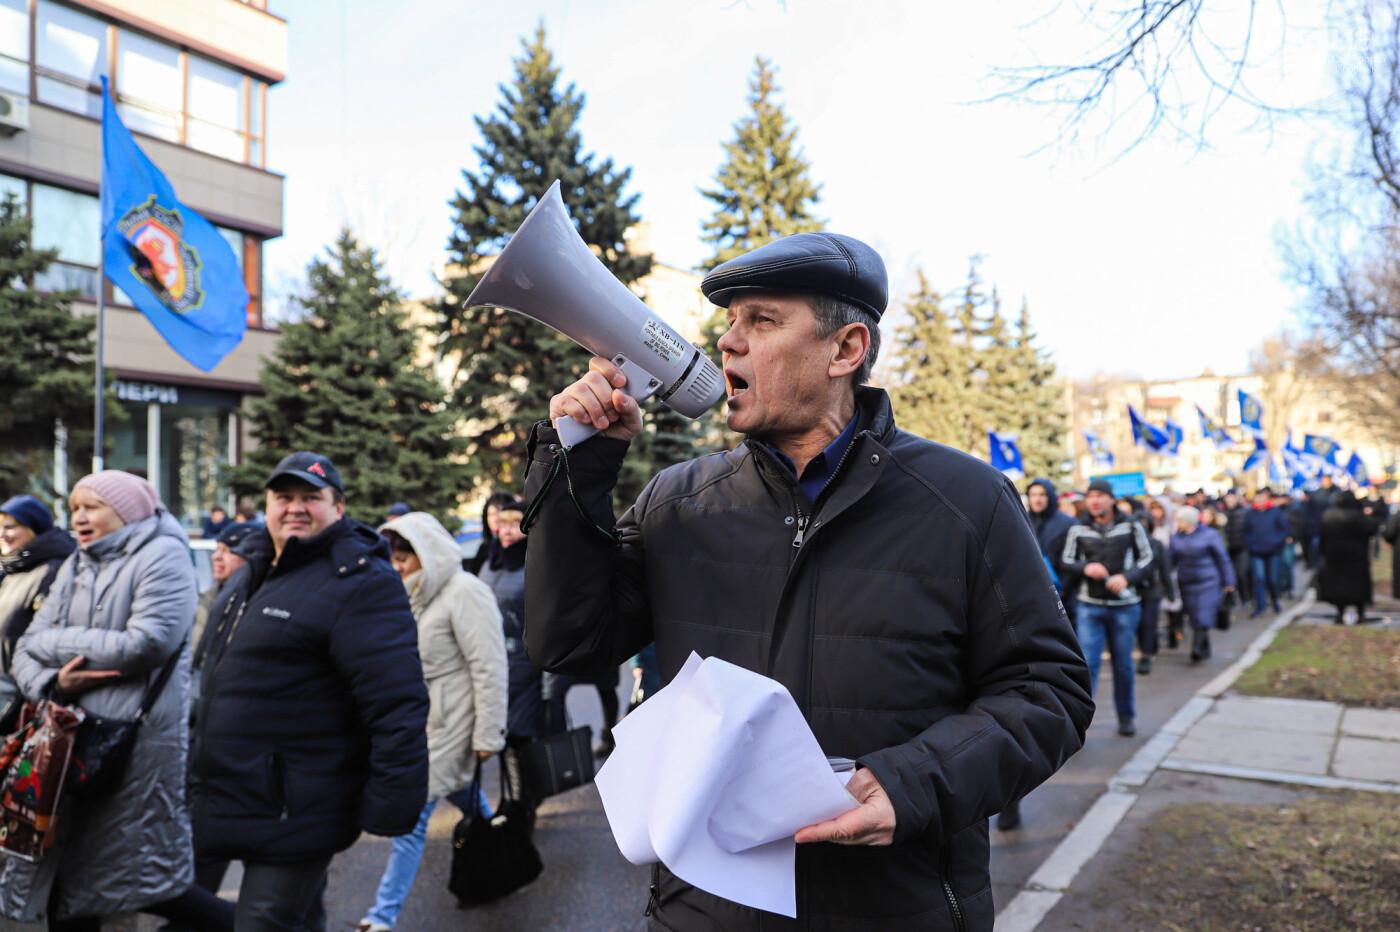 В Запорожье на протестную акцию профсоюзов «Волна гнева» вышло около 2000 человек, - ФОТОРЕПОРТАЖ, фото-9